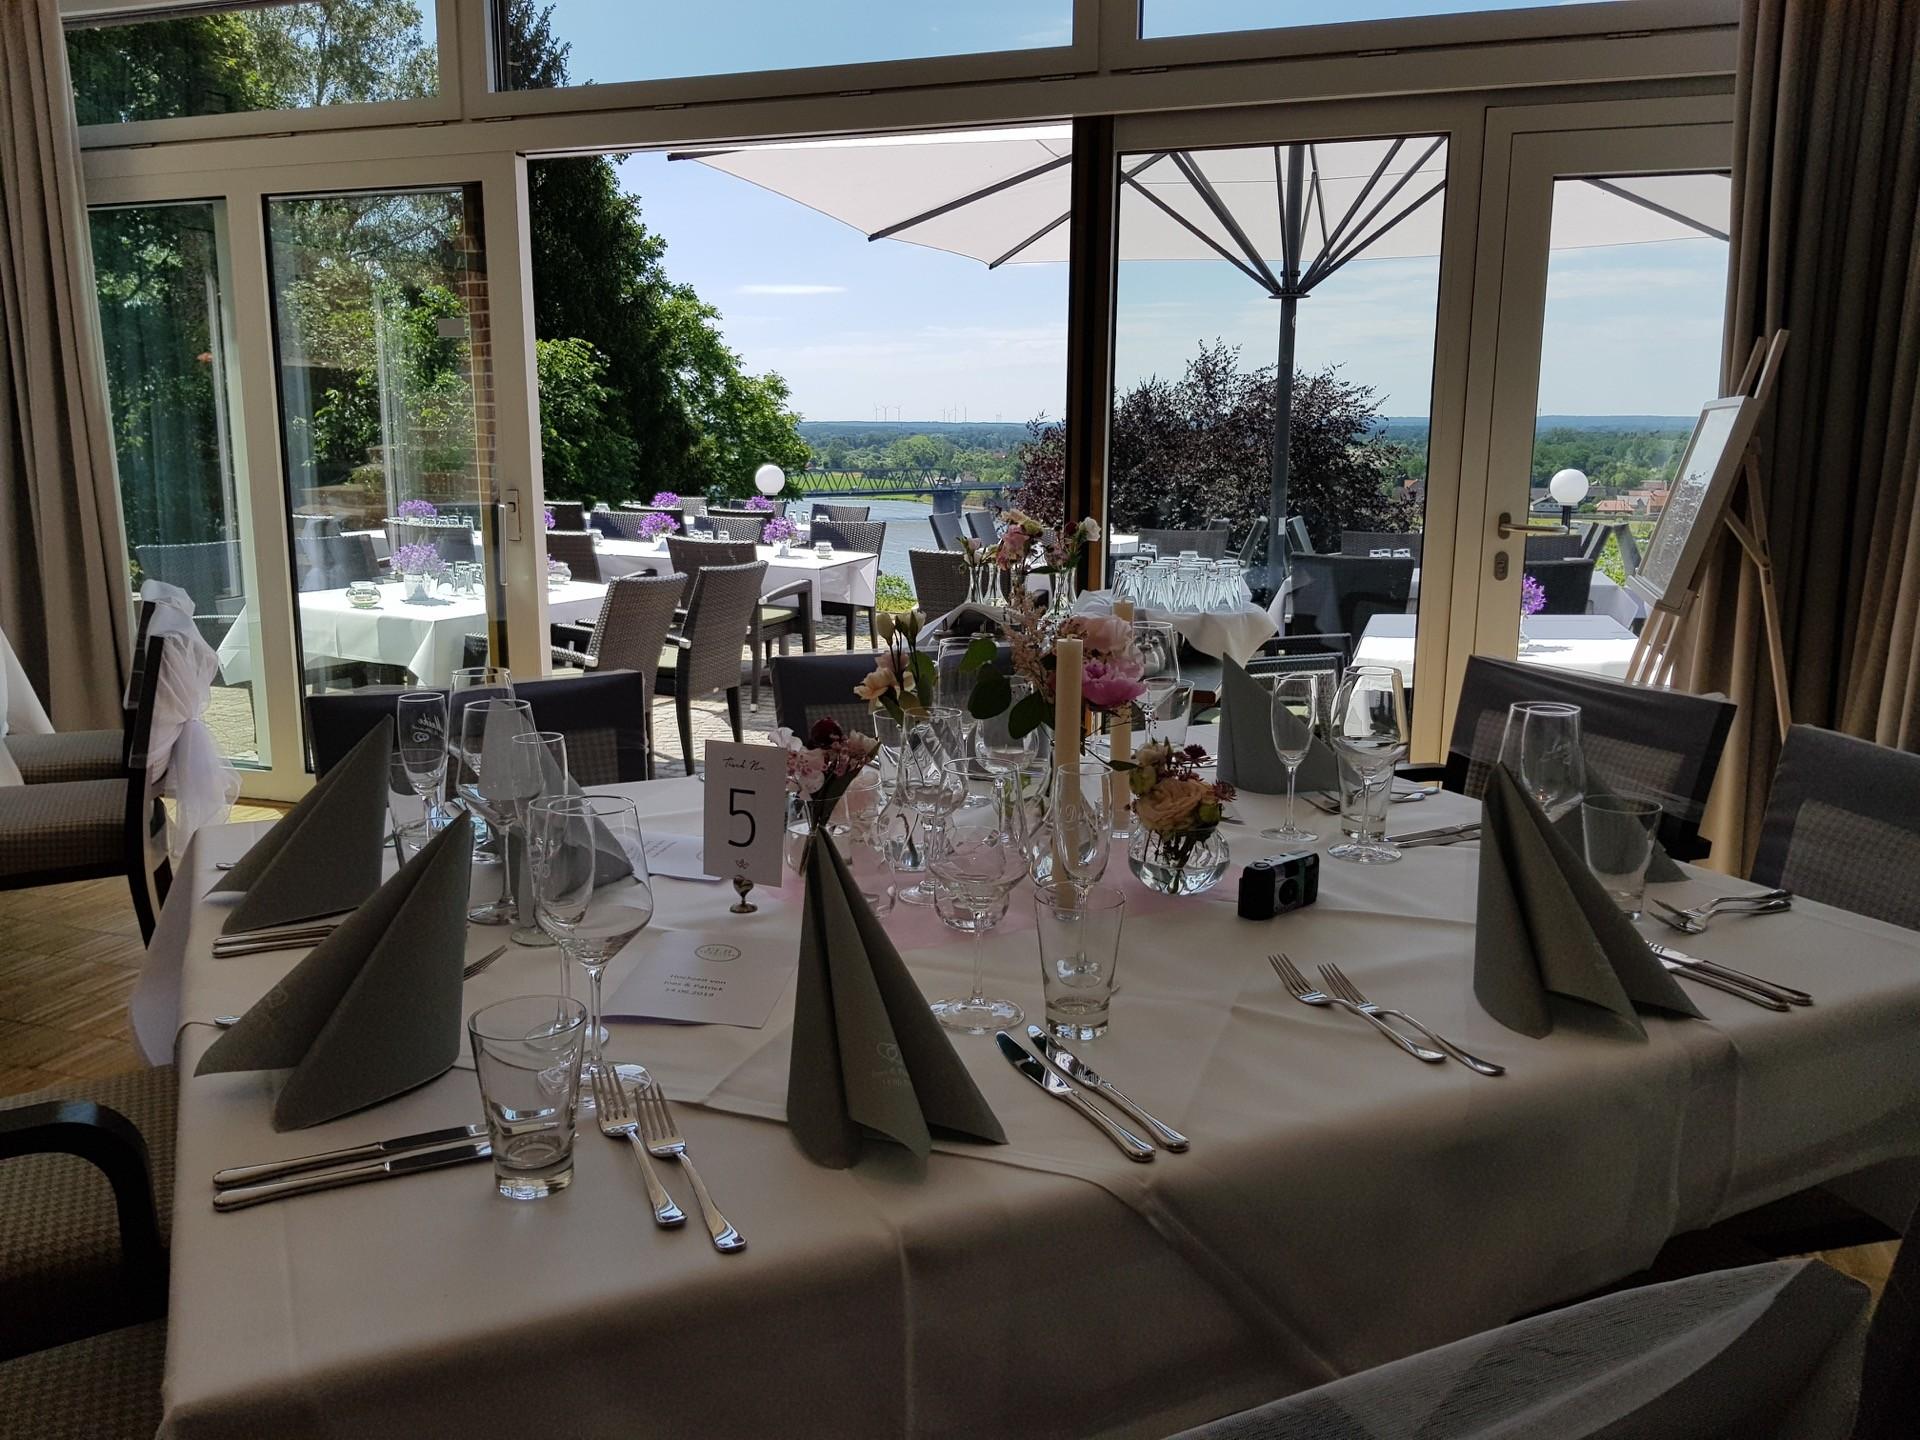 Hochzeitslocation Elbterrasse in Lauenburg